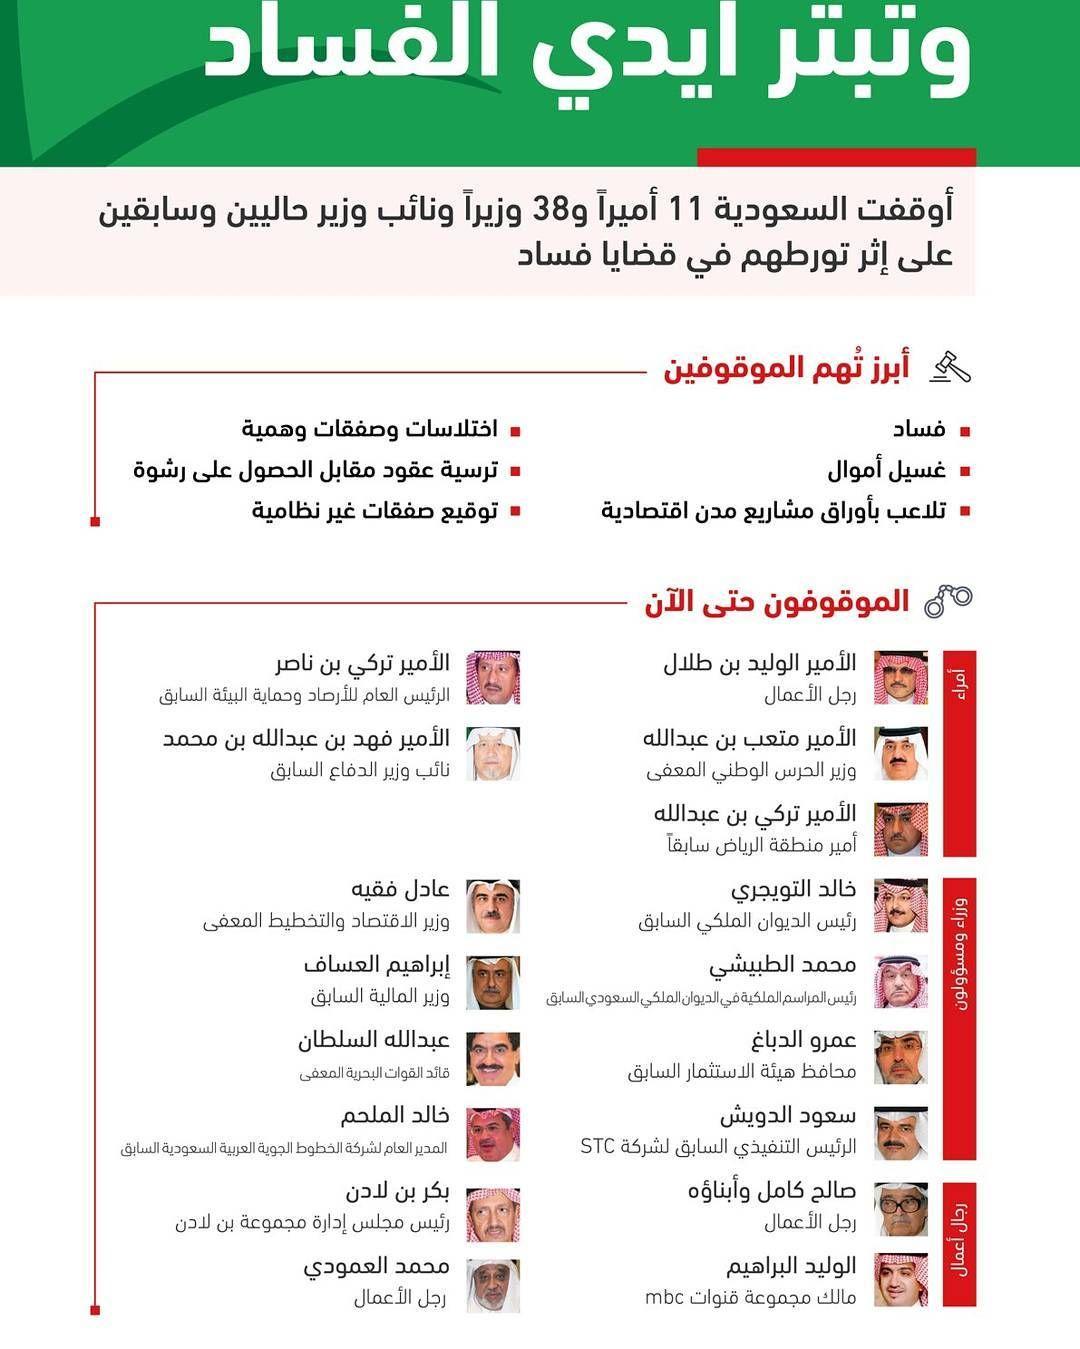 بدأت السعودية نفض غبار الفساد عن أرضها بحملة لم تفرق بين أمير أو وزير أو مواطن